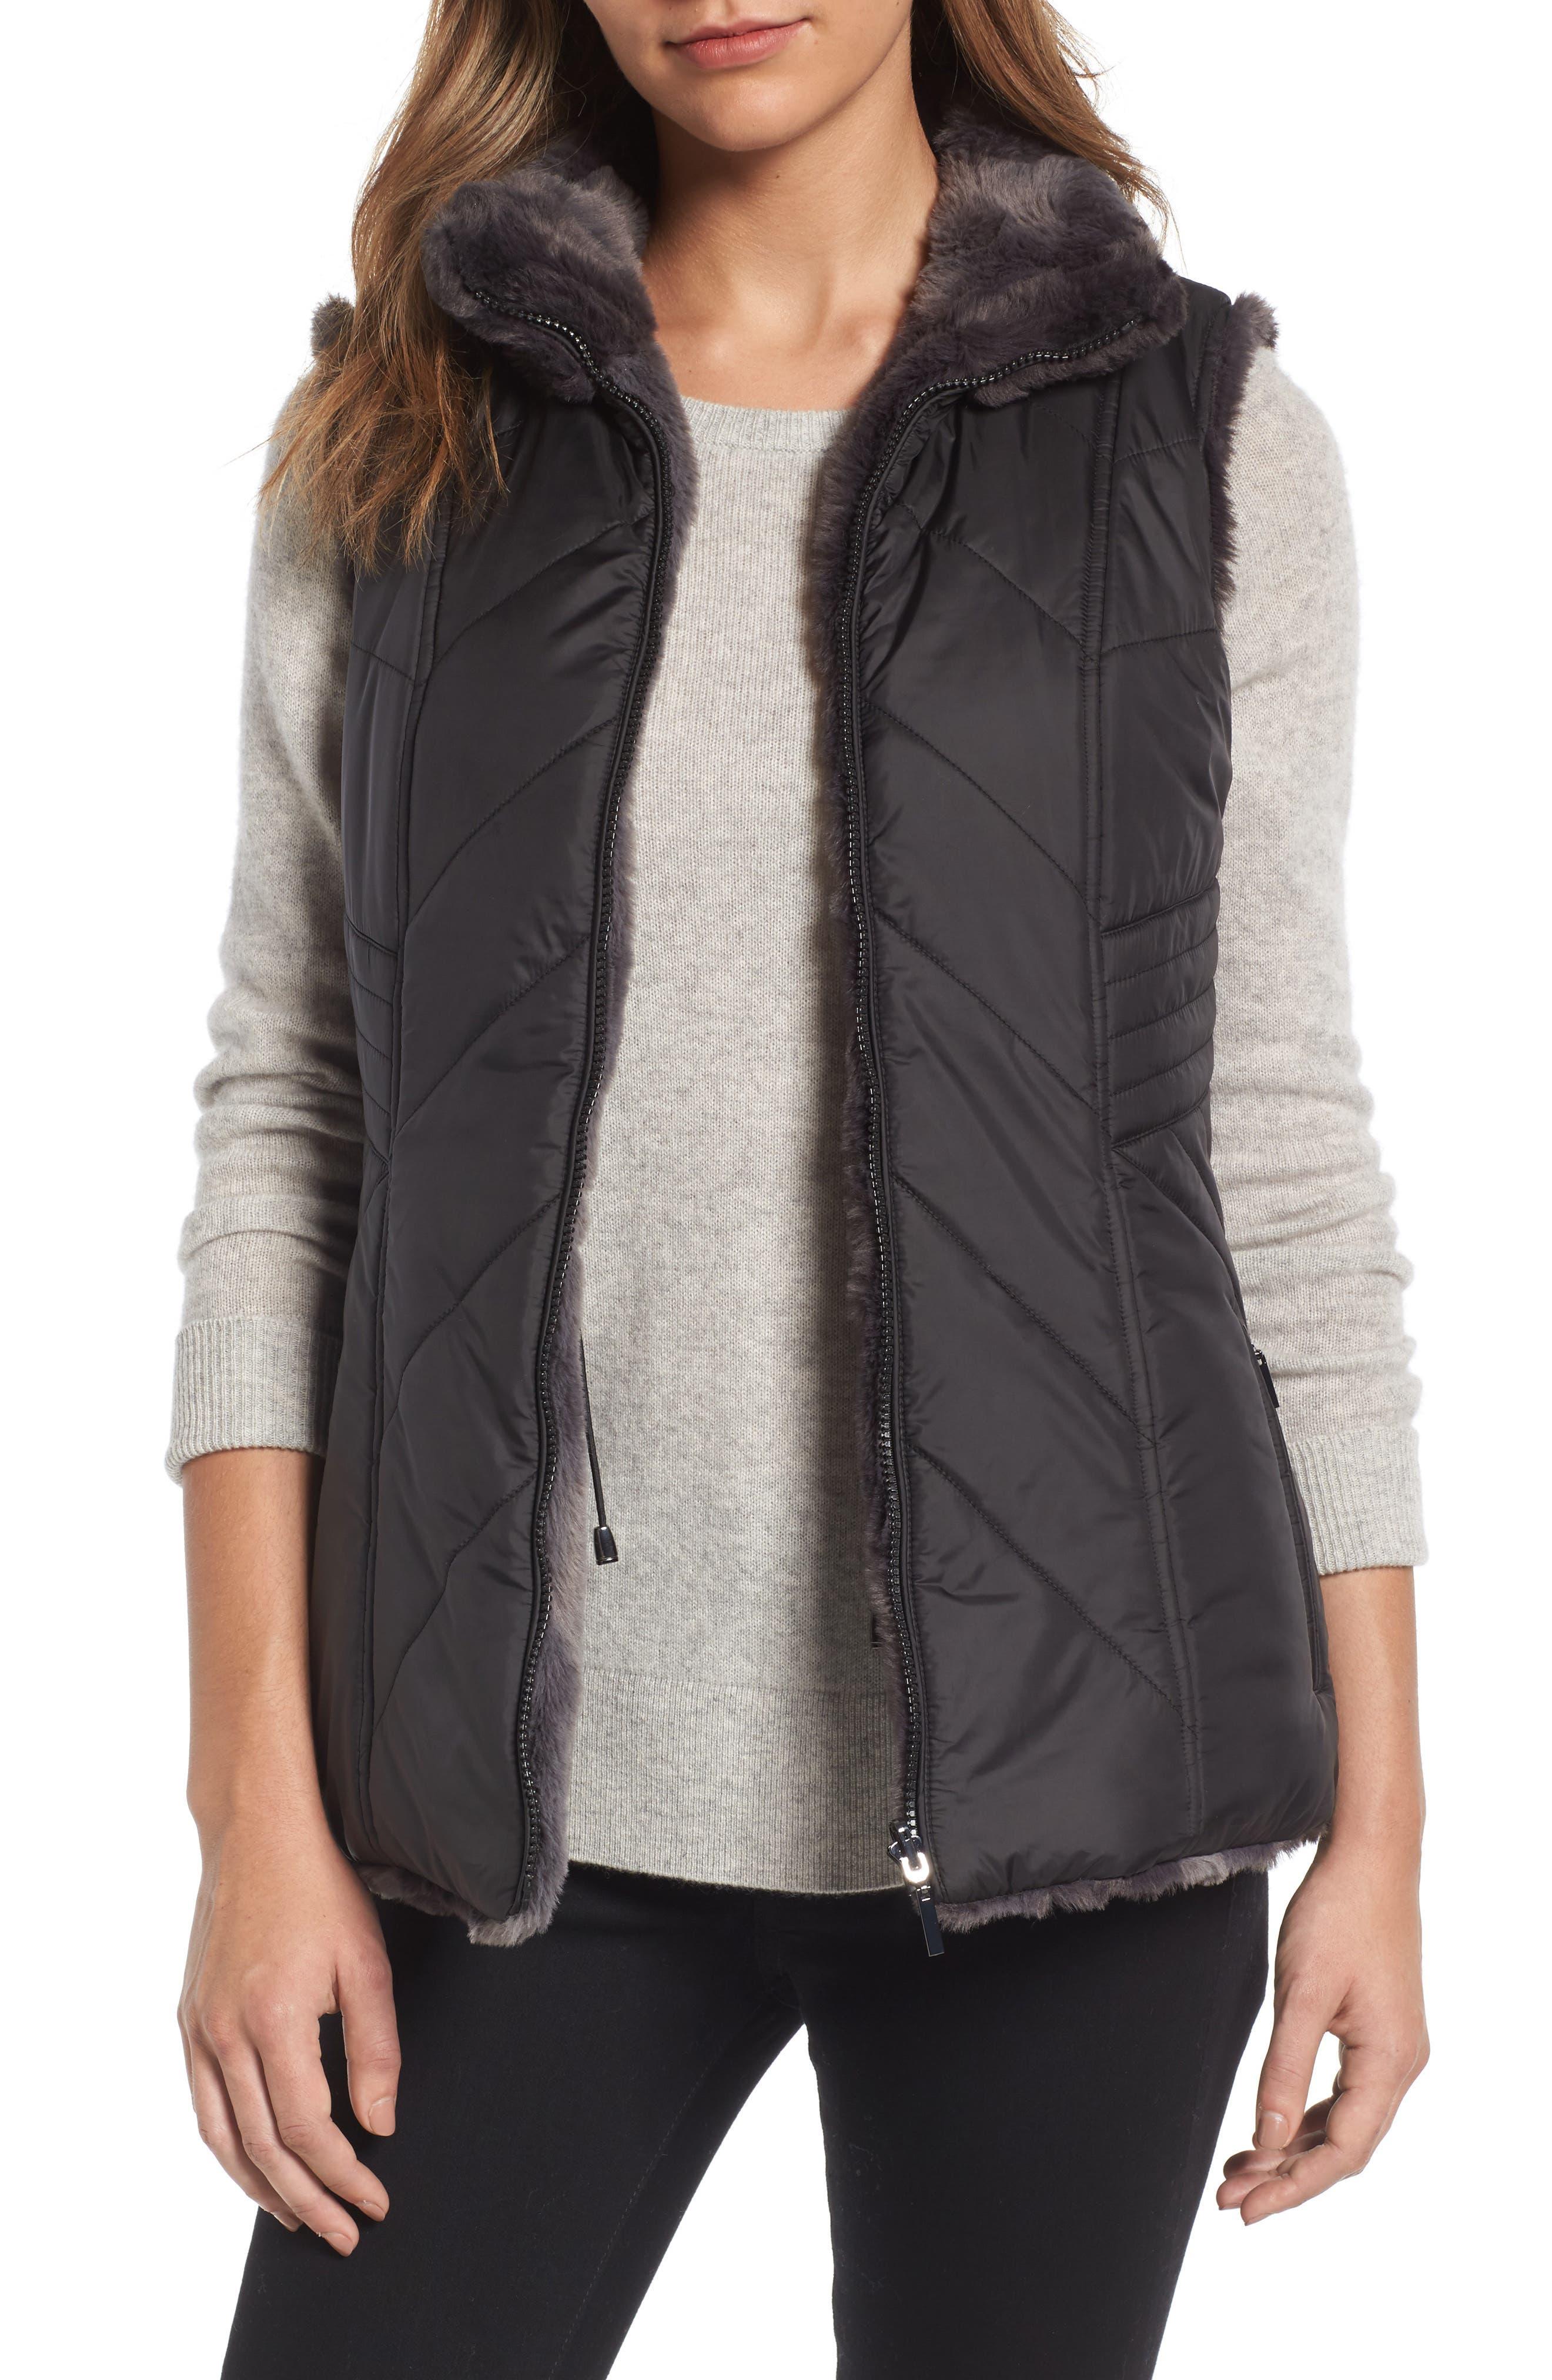 GALLERY Reversible Faux Fur Vest, Main, color, 001